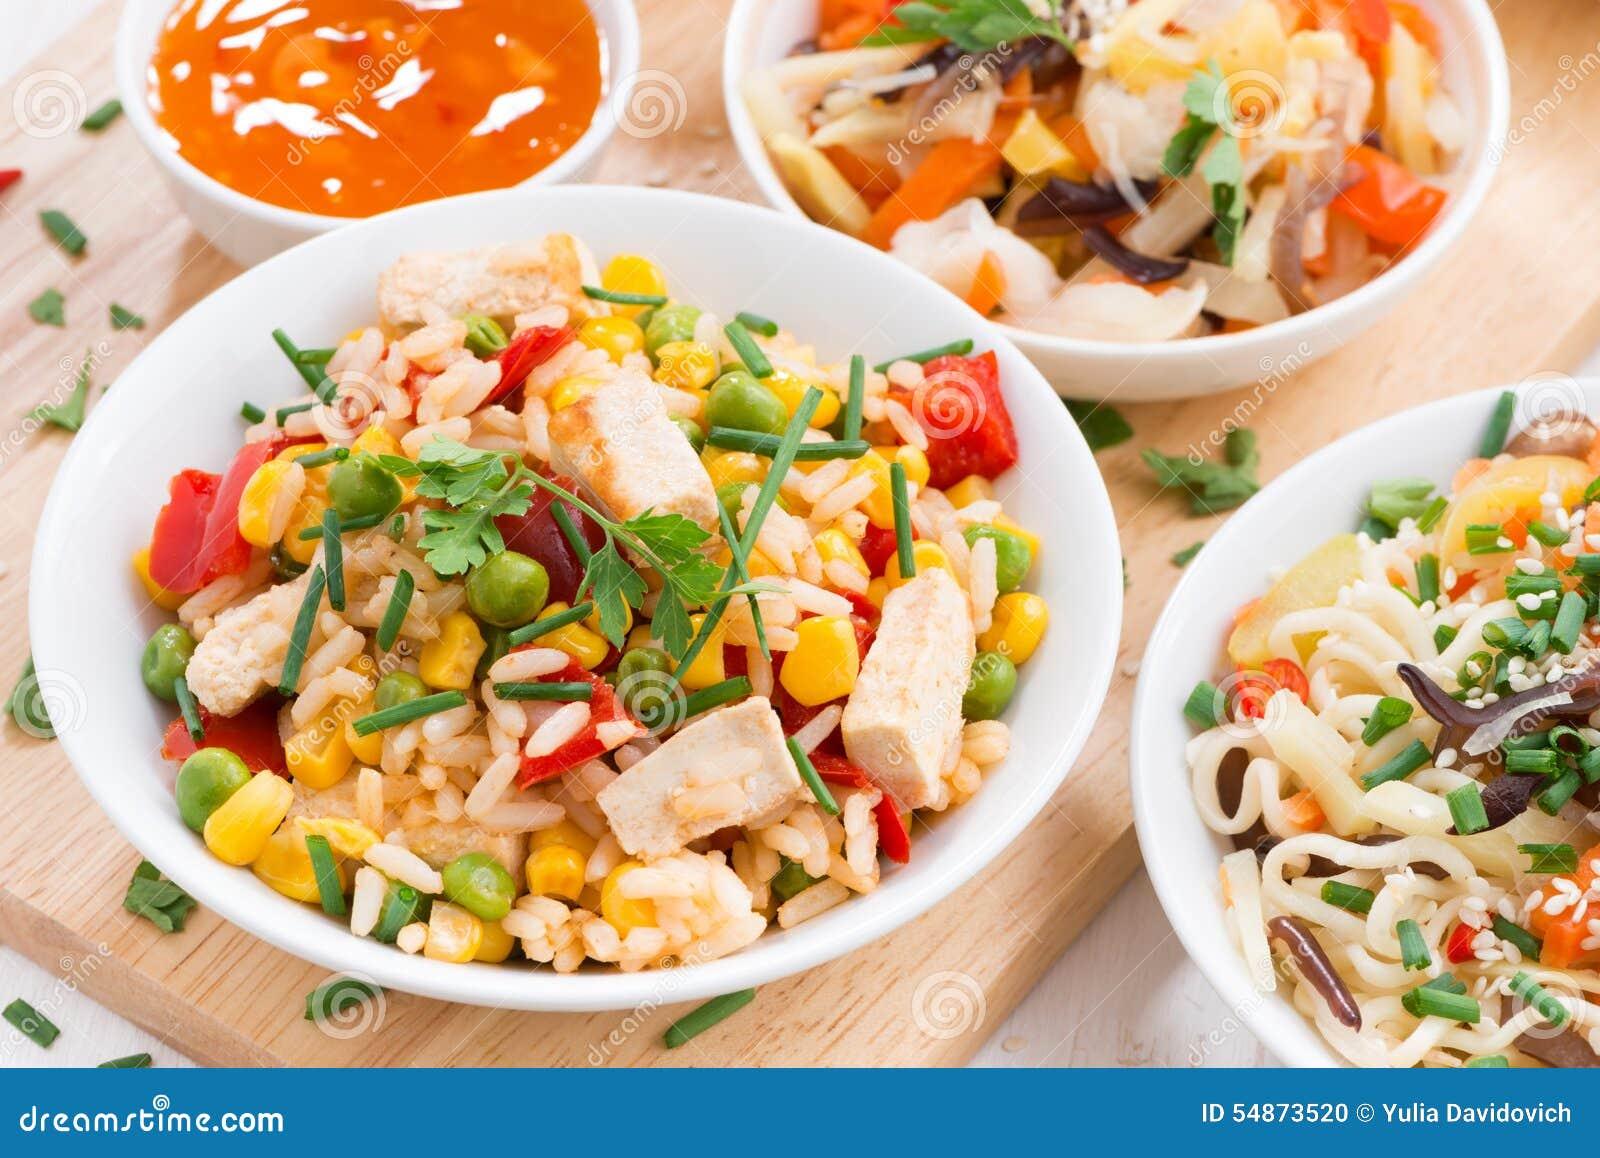 Asiatisches Mittagessen - gebratener Reis mit Tofu, Nudeln mit Gemüse